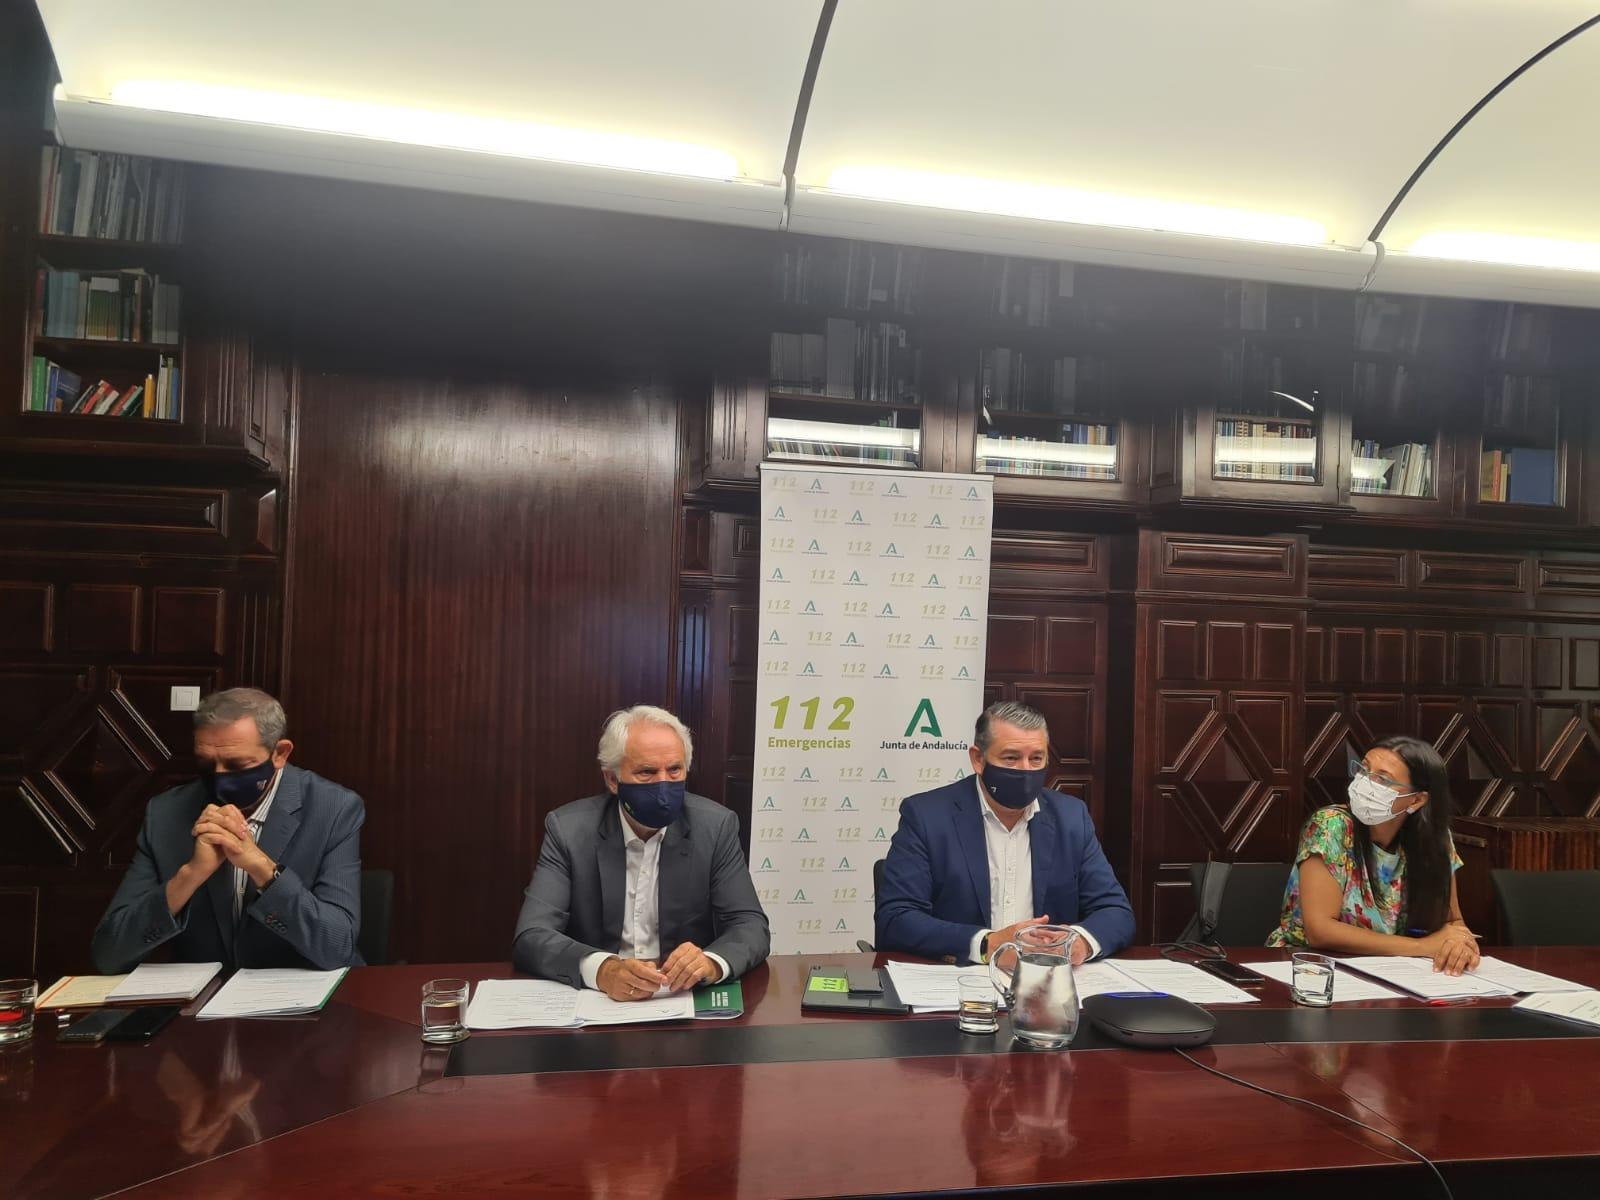 La Comisión Permanente de Protección Civil homologa 141 nuevos planes de emergencia